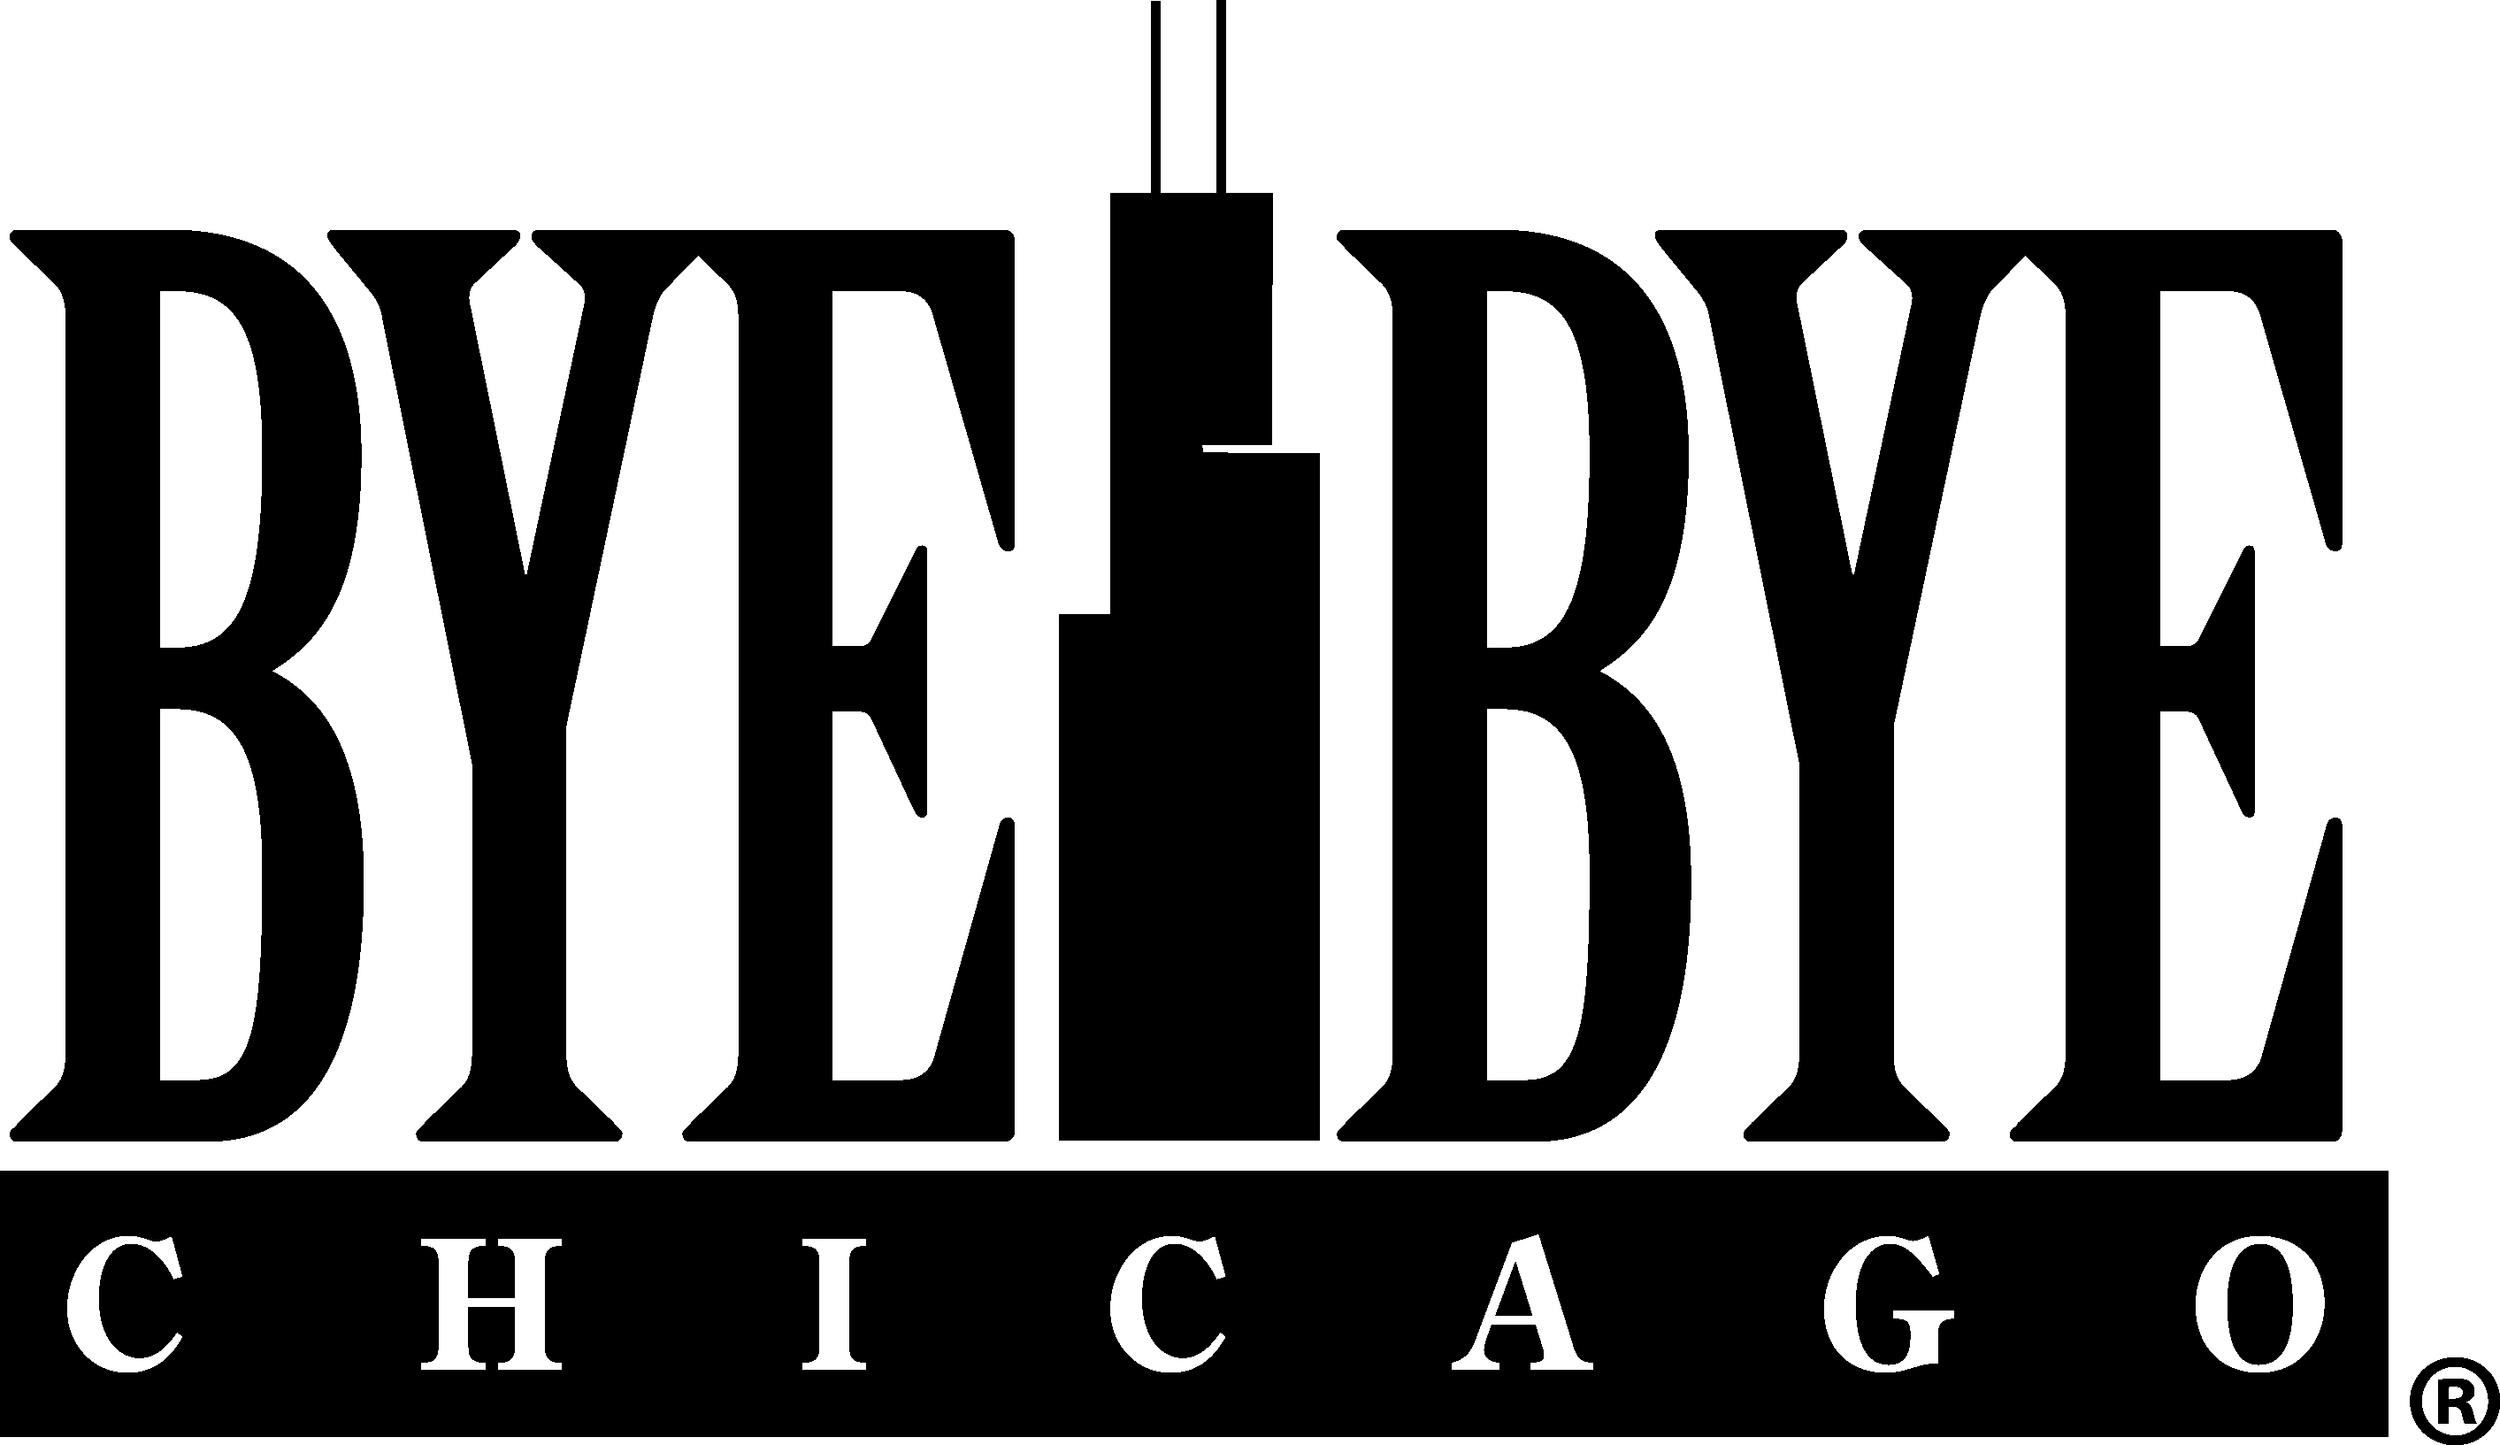 BYEBYE_CHICAGO_LOGO_REGISTERED_MARK.jpg